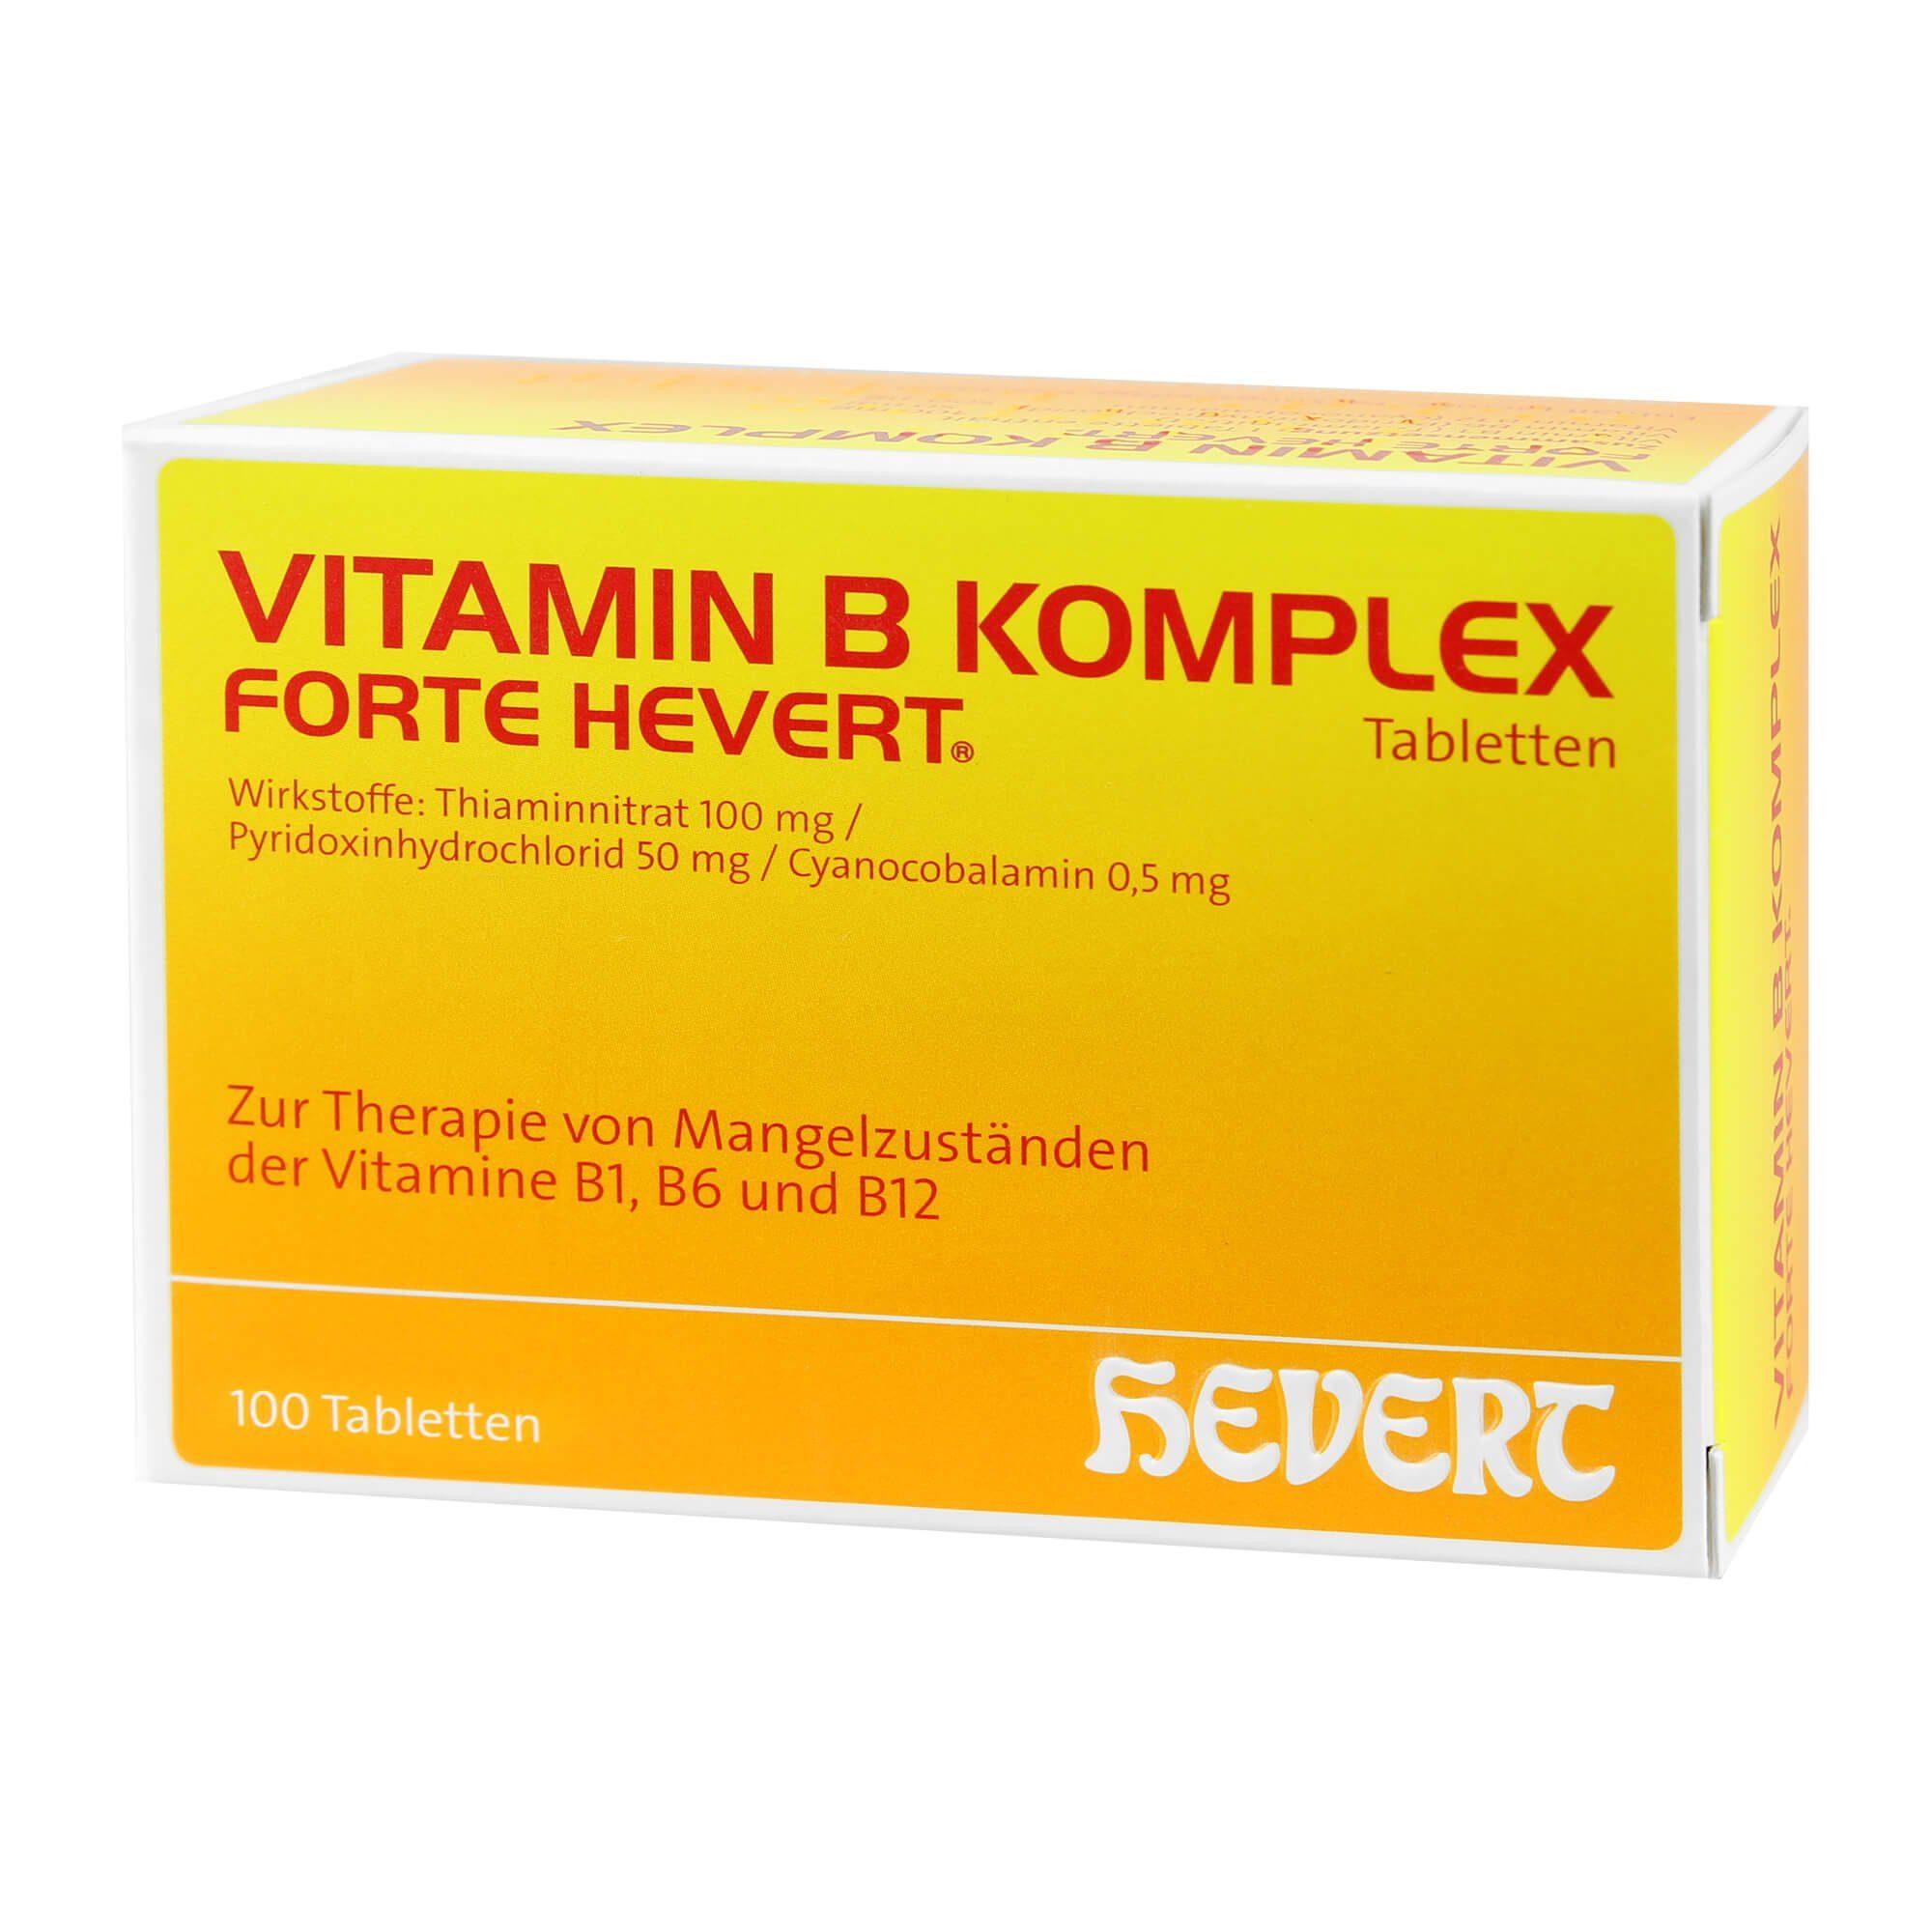 Vitamin B Komplex forte Hevert, 100 St